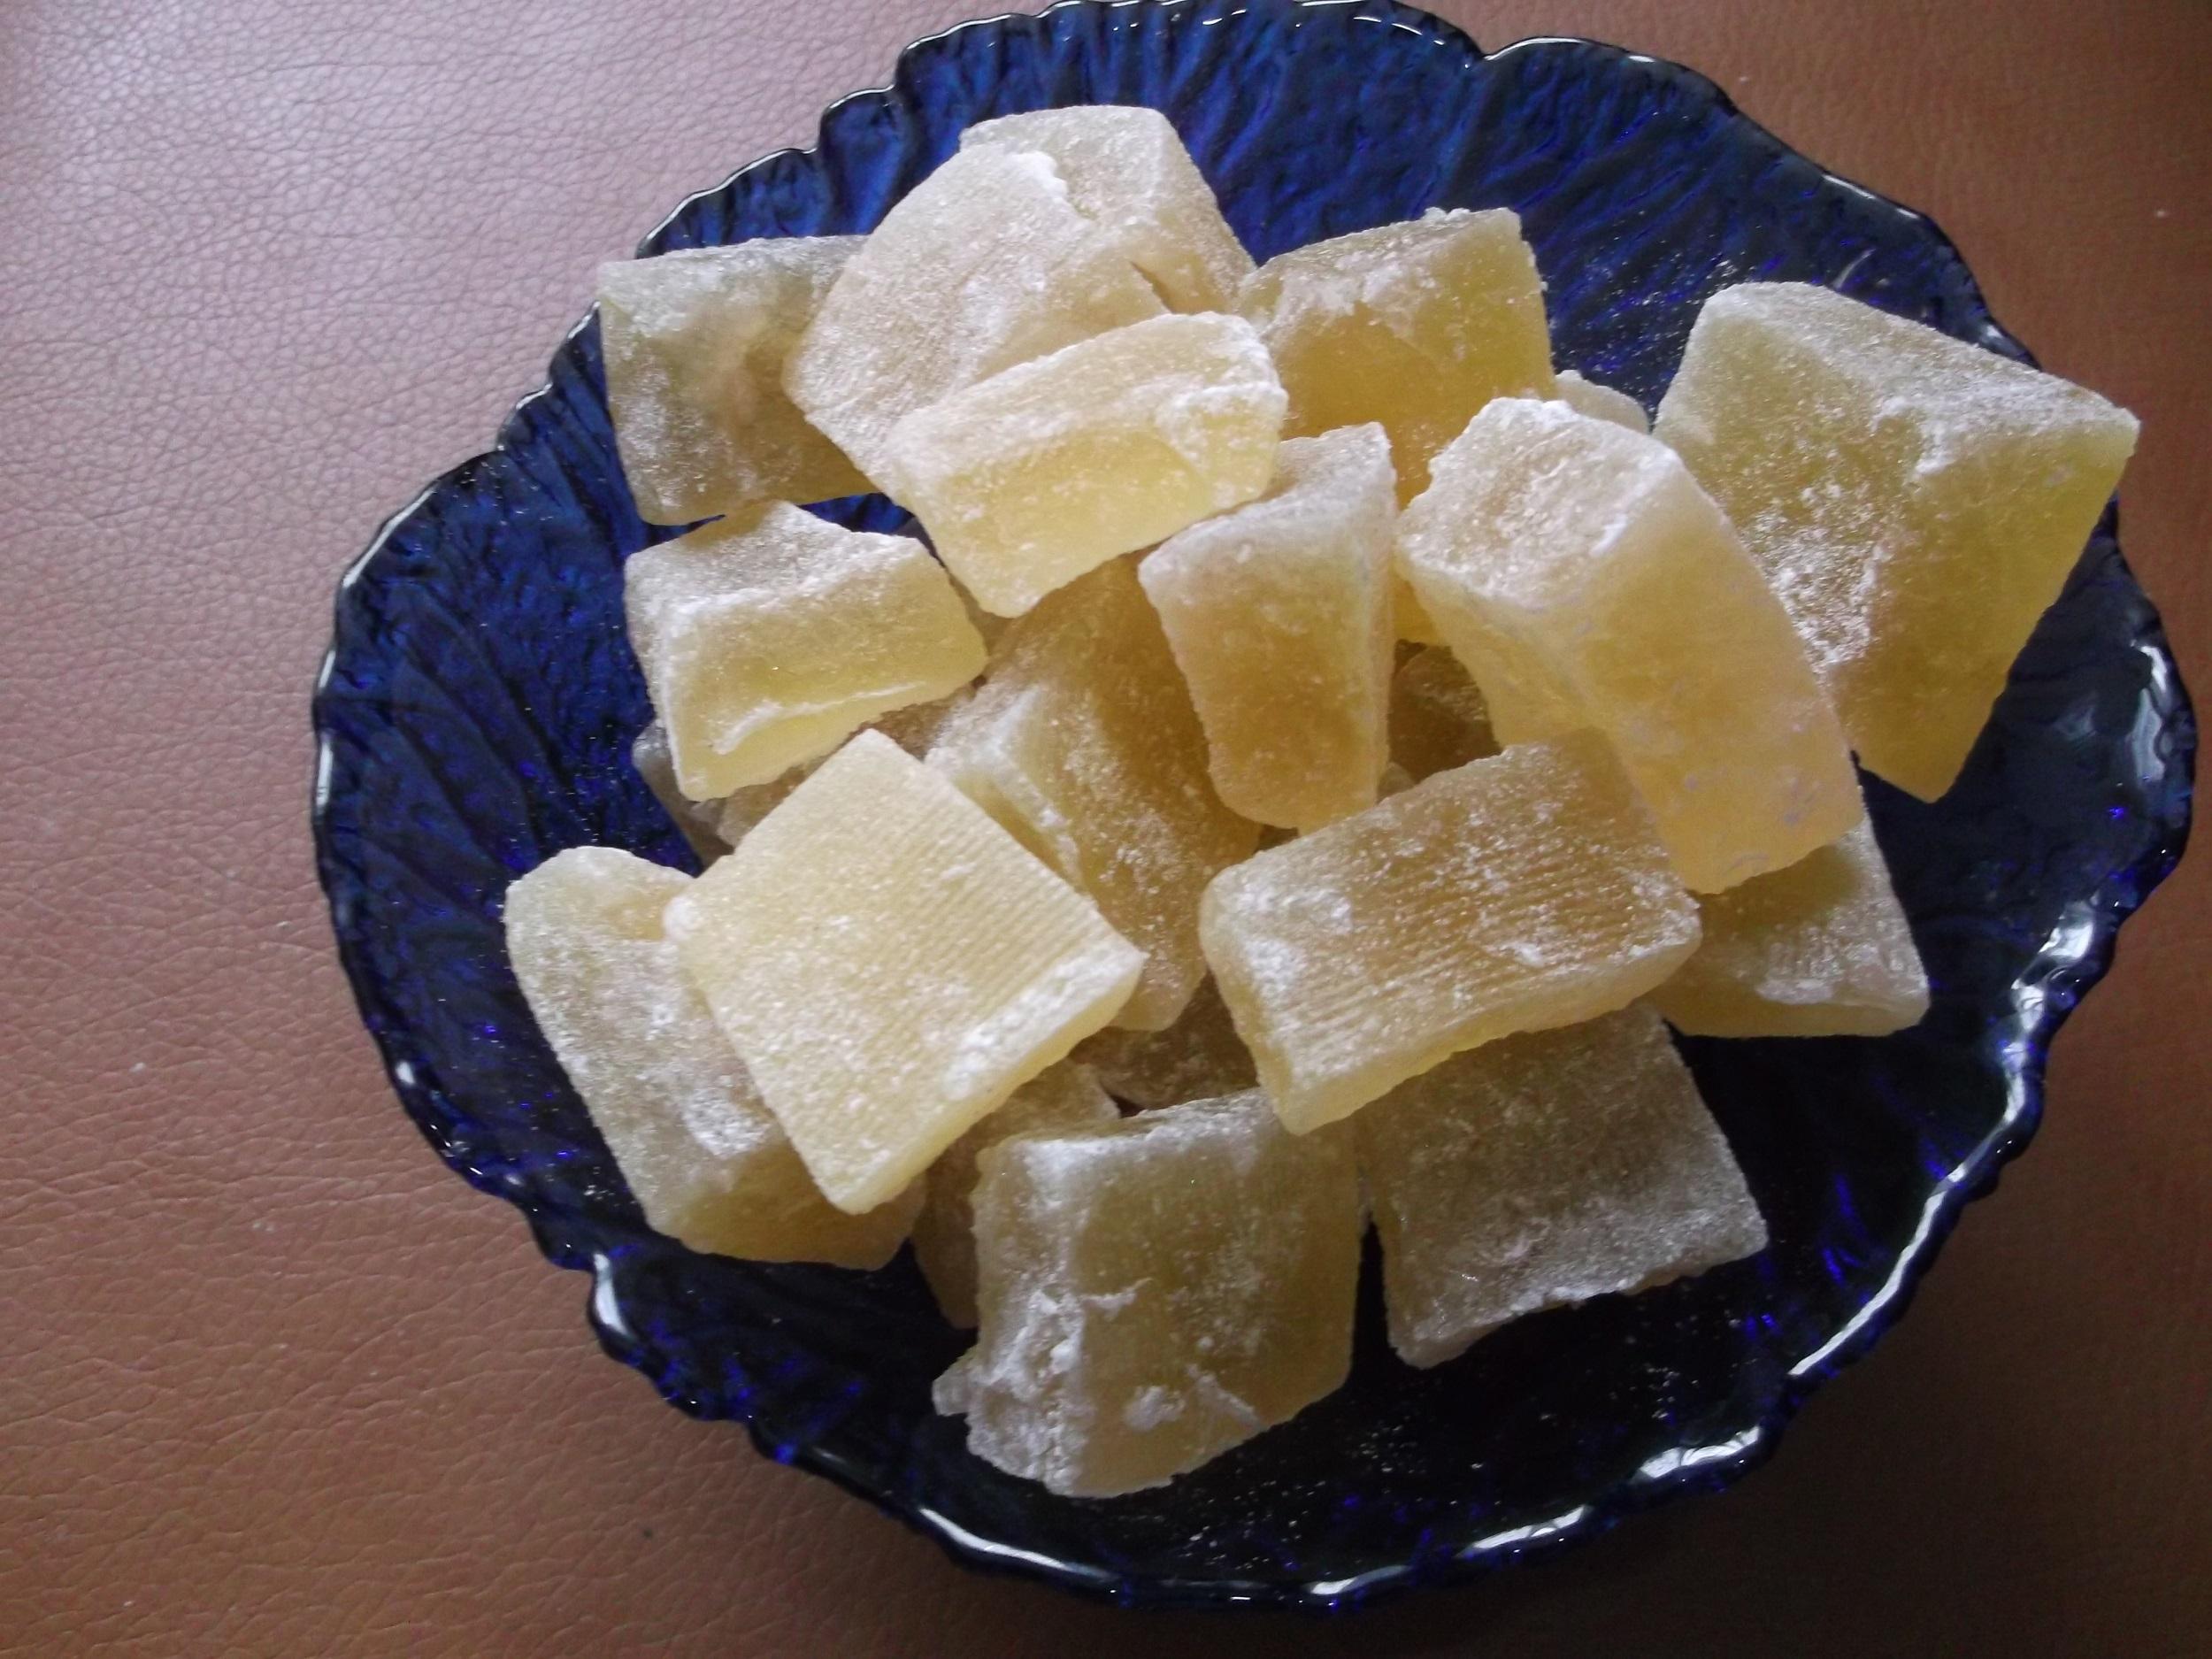 Цукаты из арбузных корок - как быстро и вкусно готовить с лимоном или лаймом в сахарном сиропе